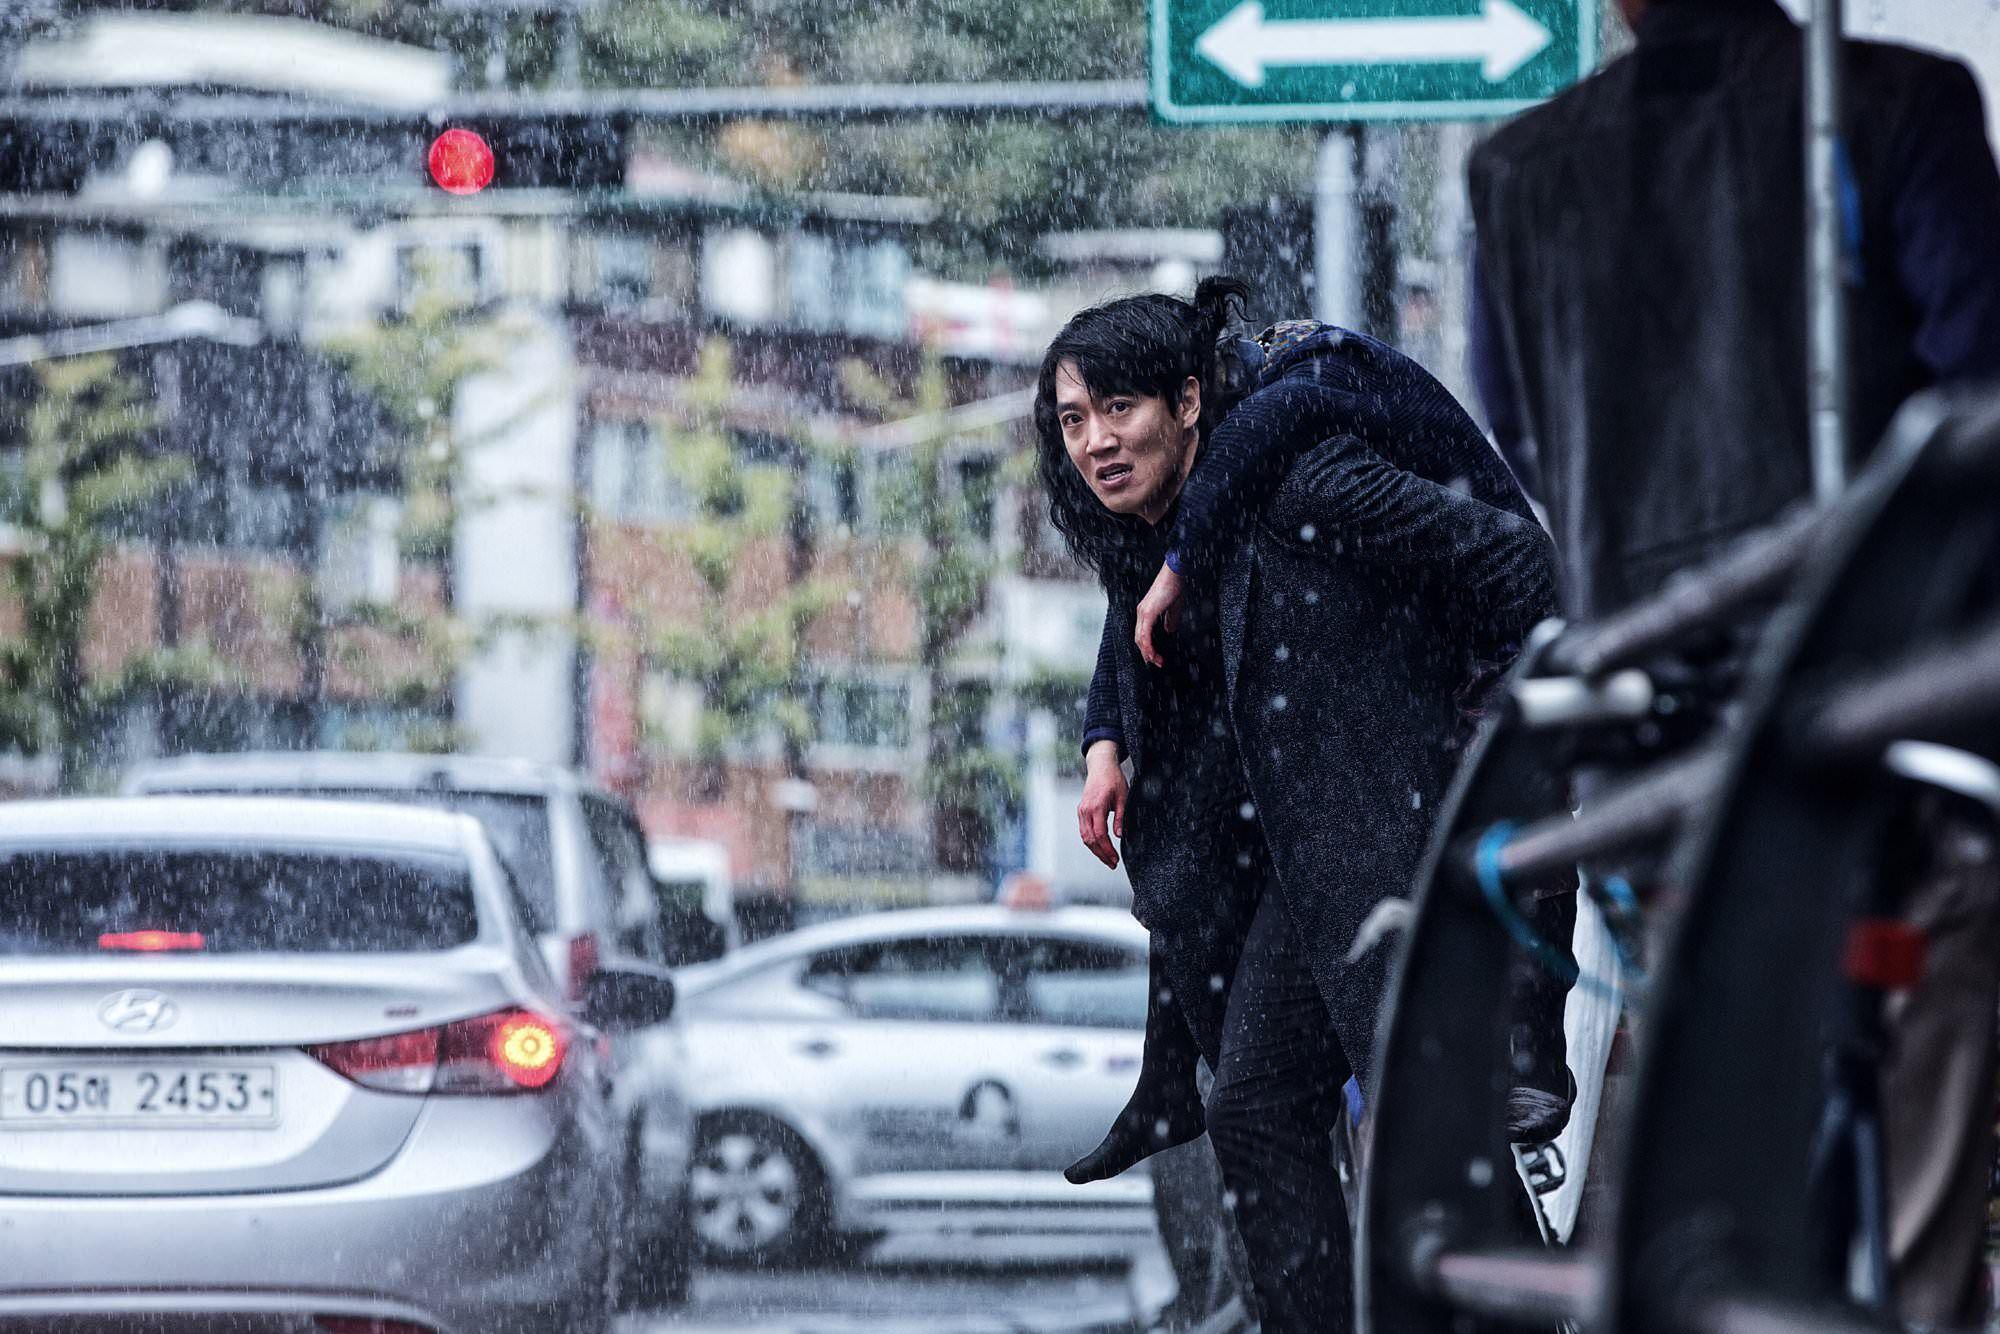 Tổng hợp phim lẻ hành động Hàn Quốc hay nhất 2017 (1)